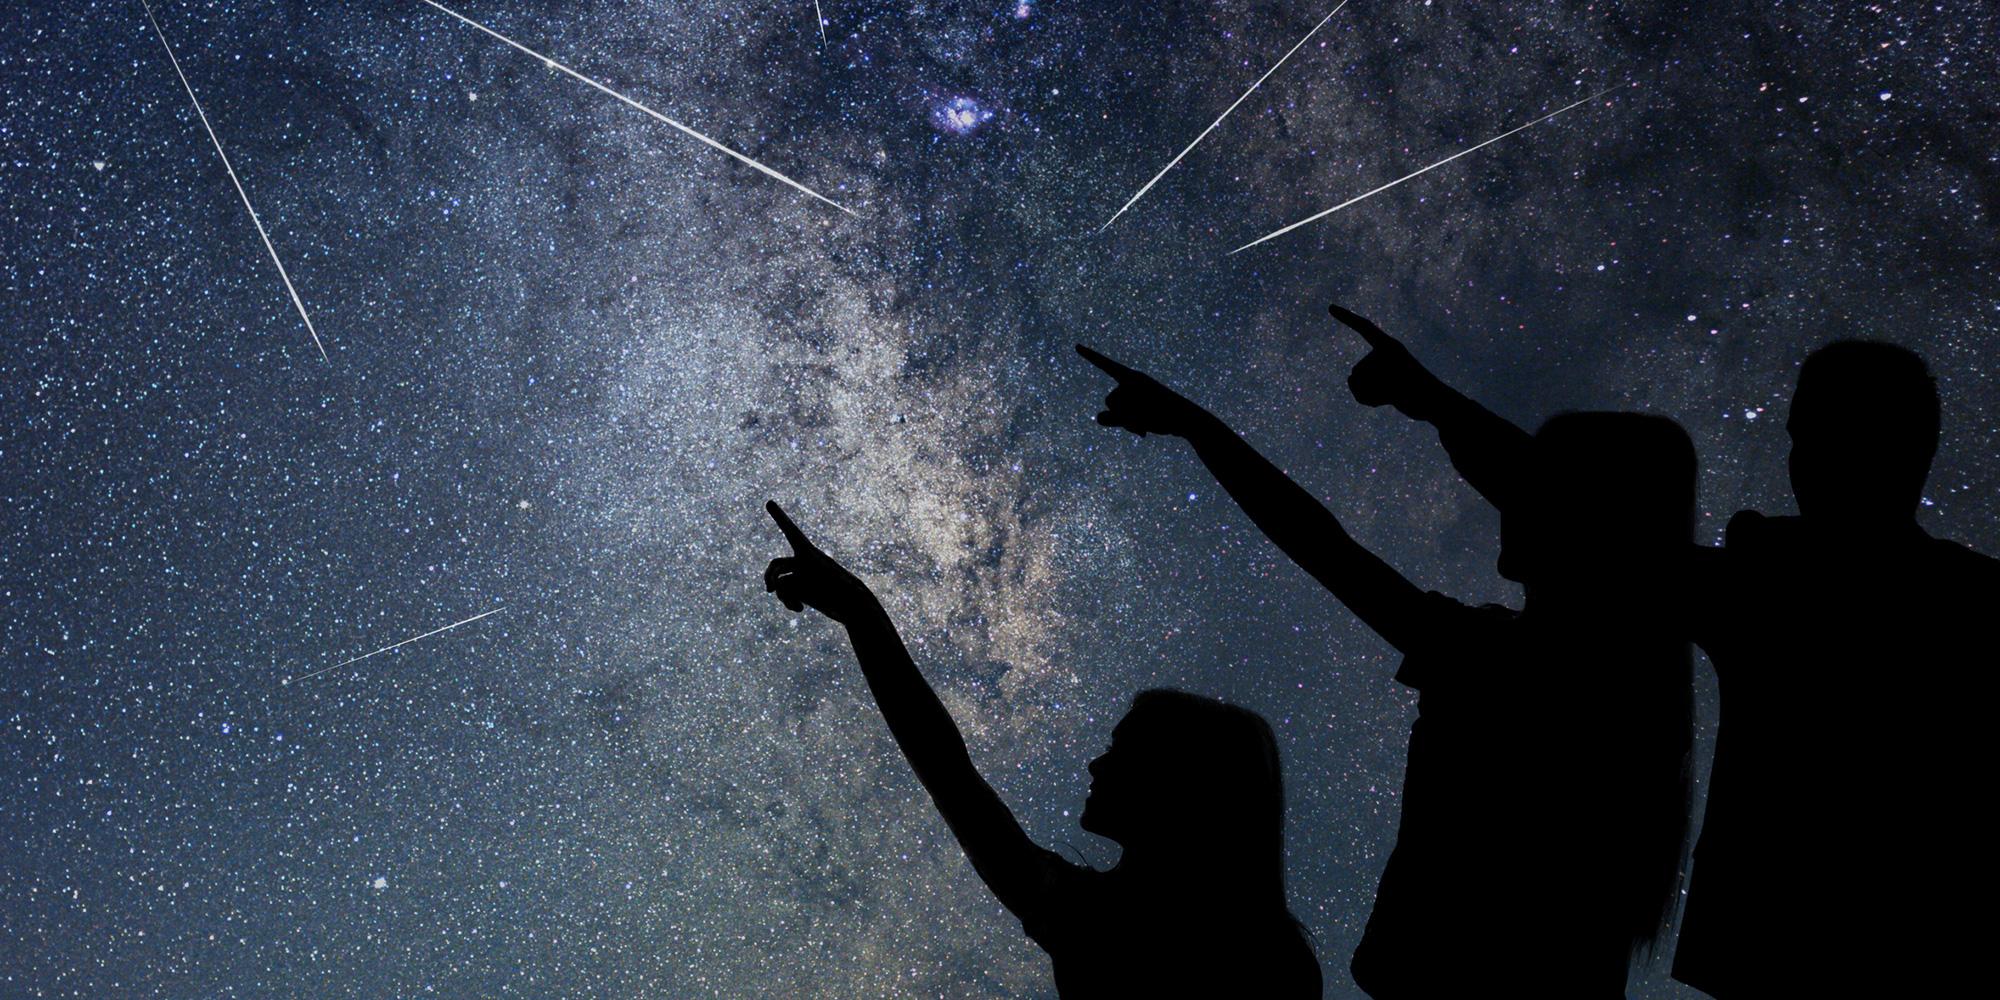 Sternenregen: Wunschträume unter freiem Himmel